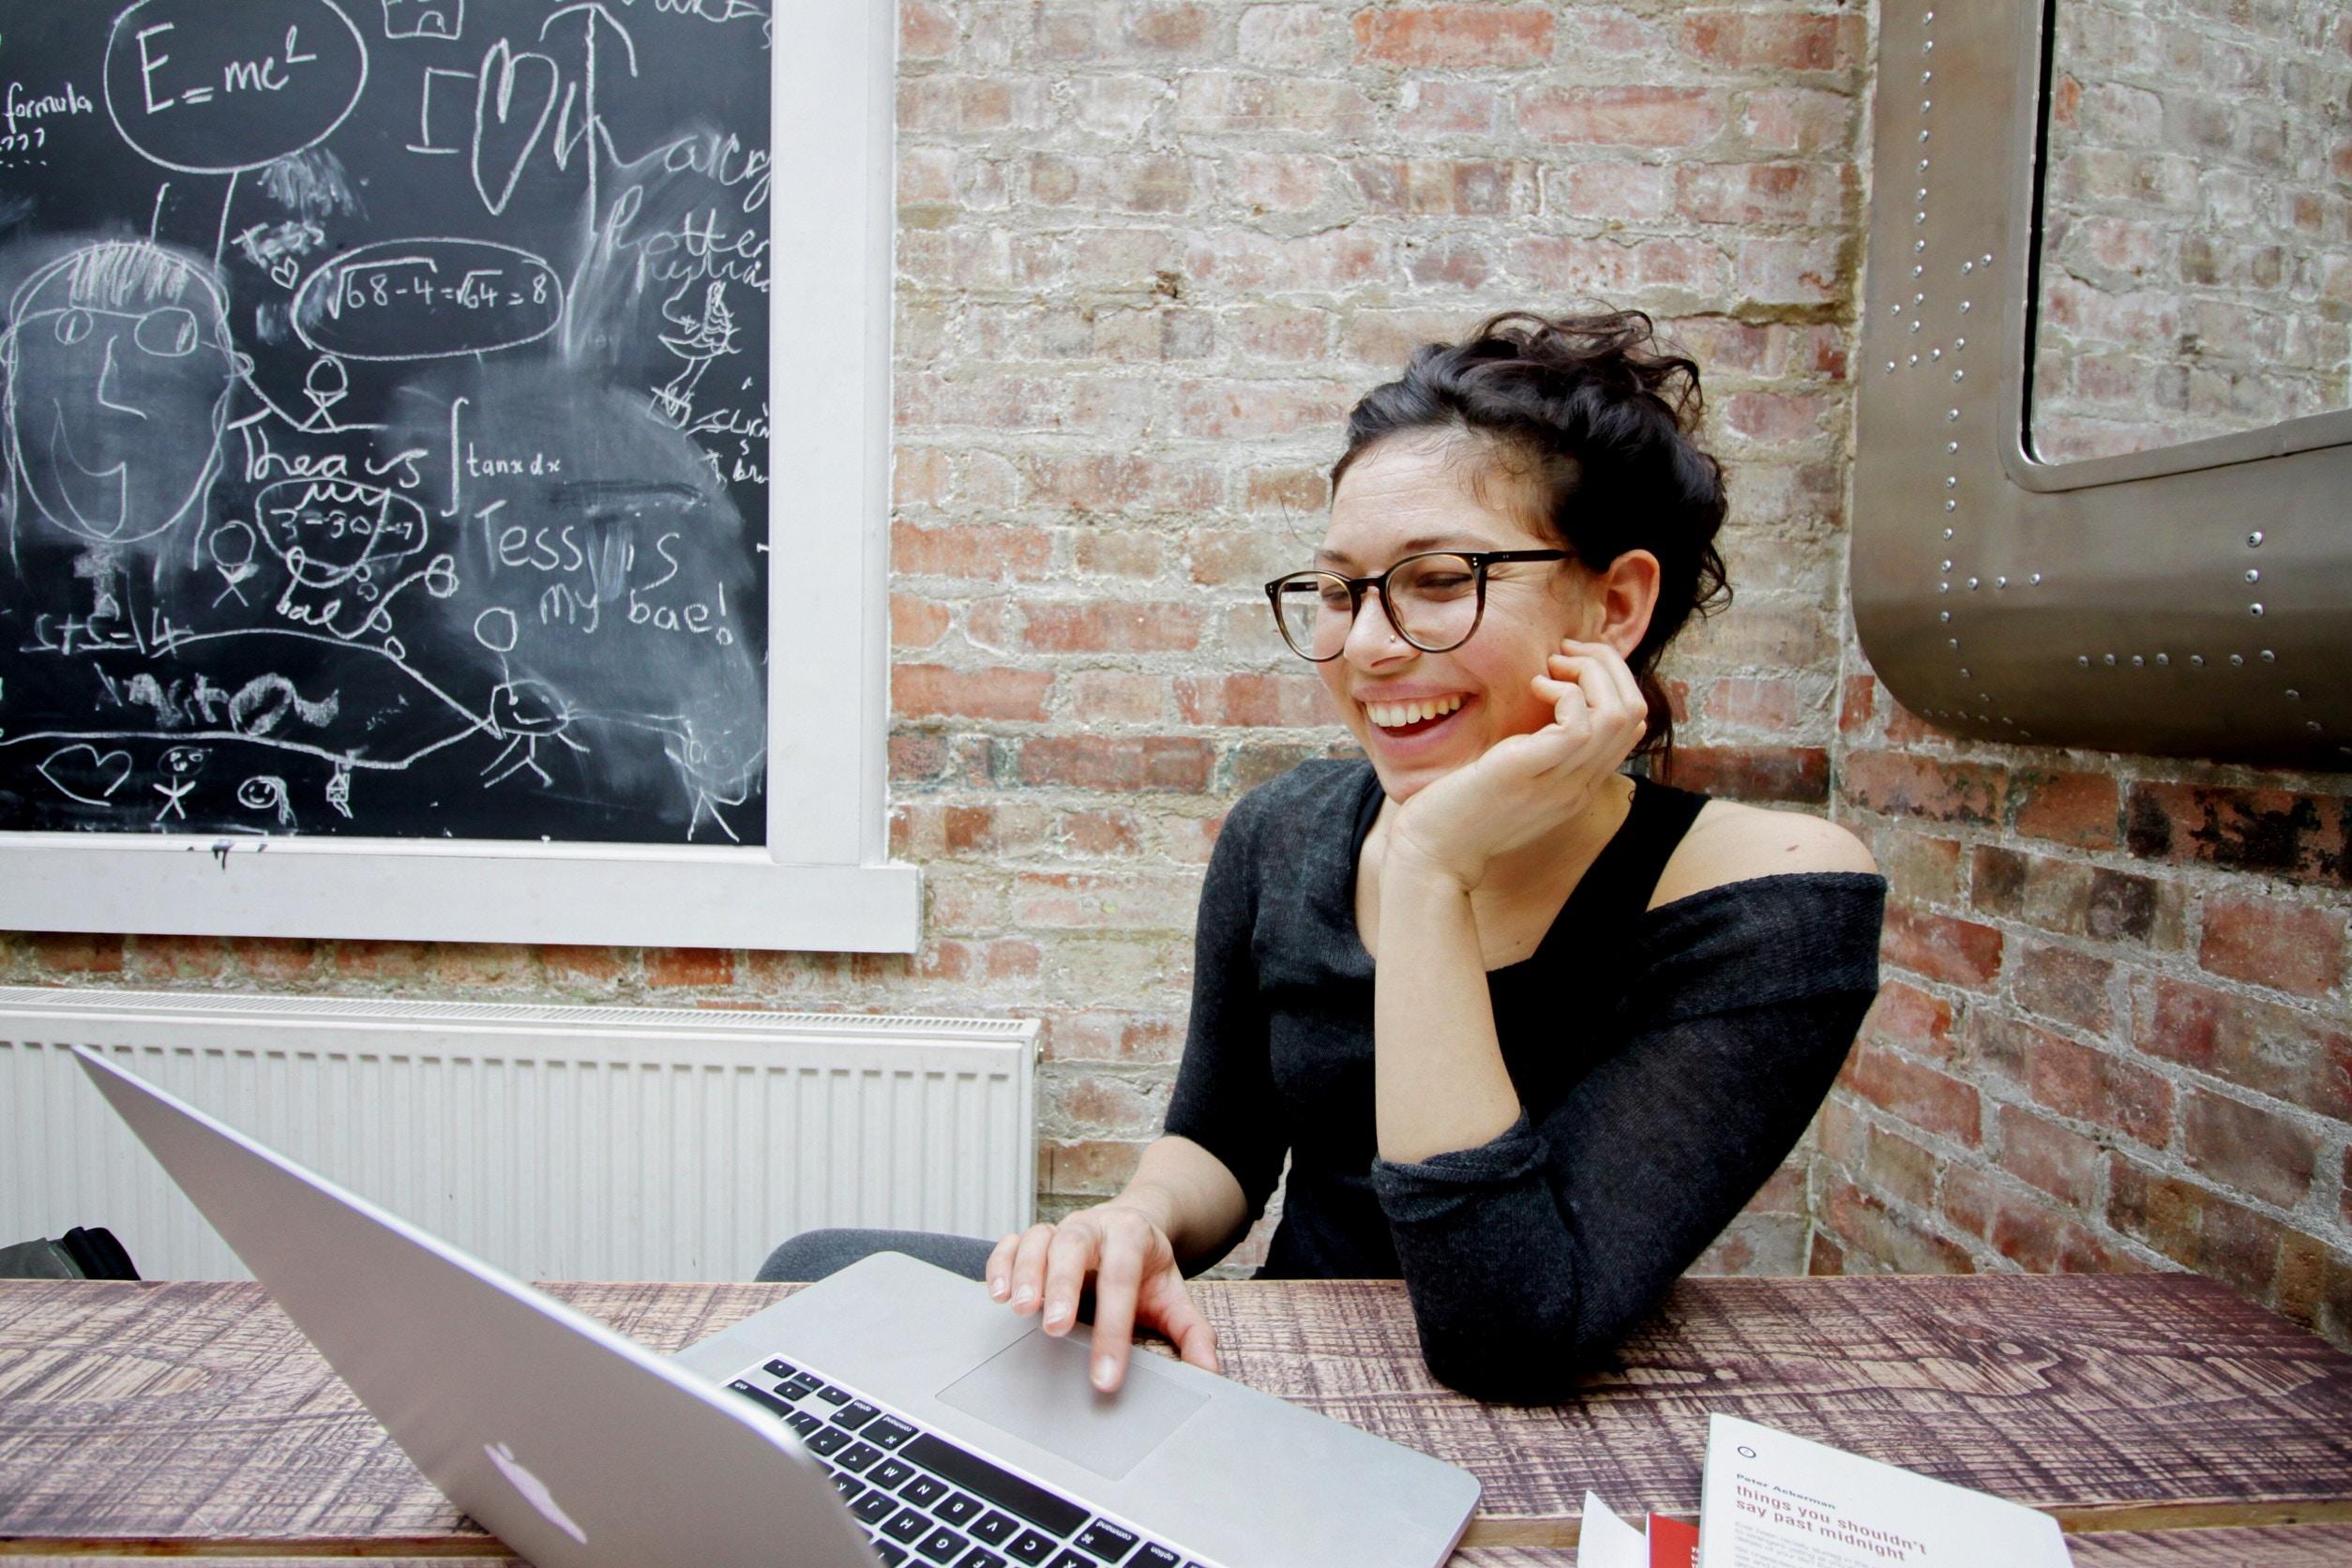 52 Agencies Share the Top Benefits of HubSpot's Partner Program